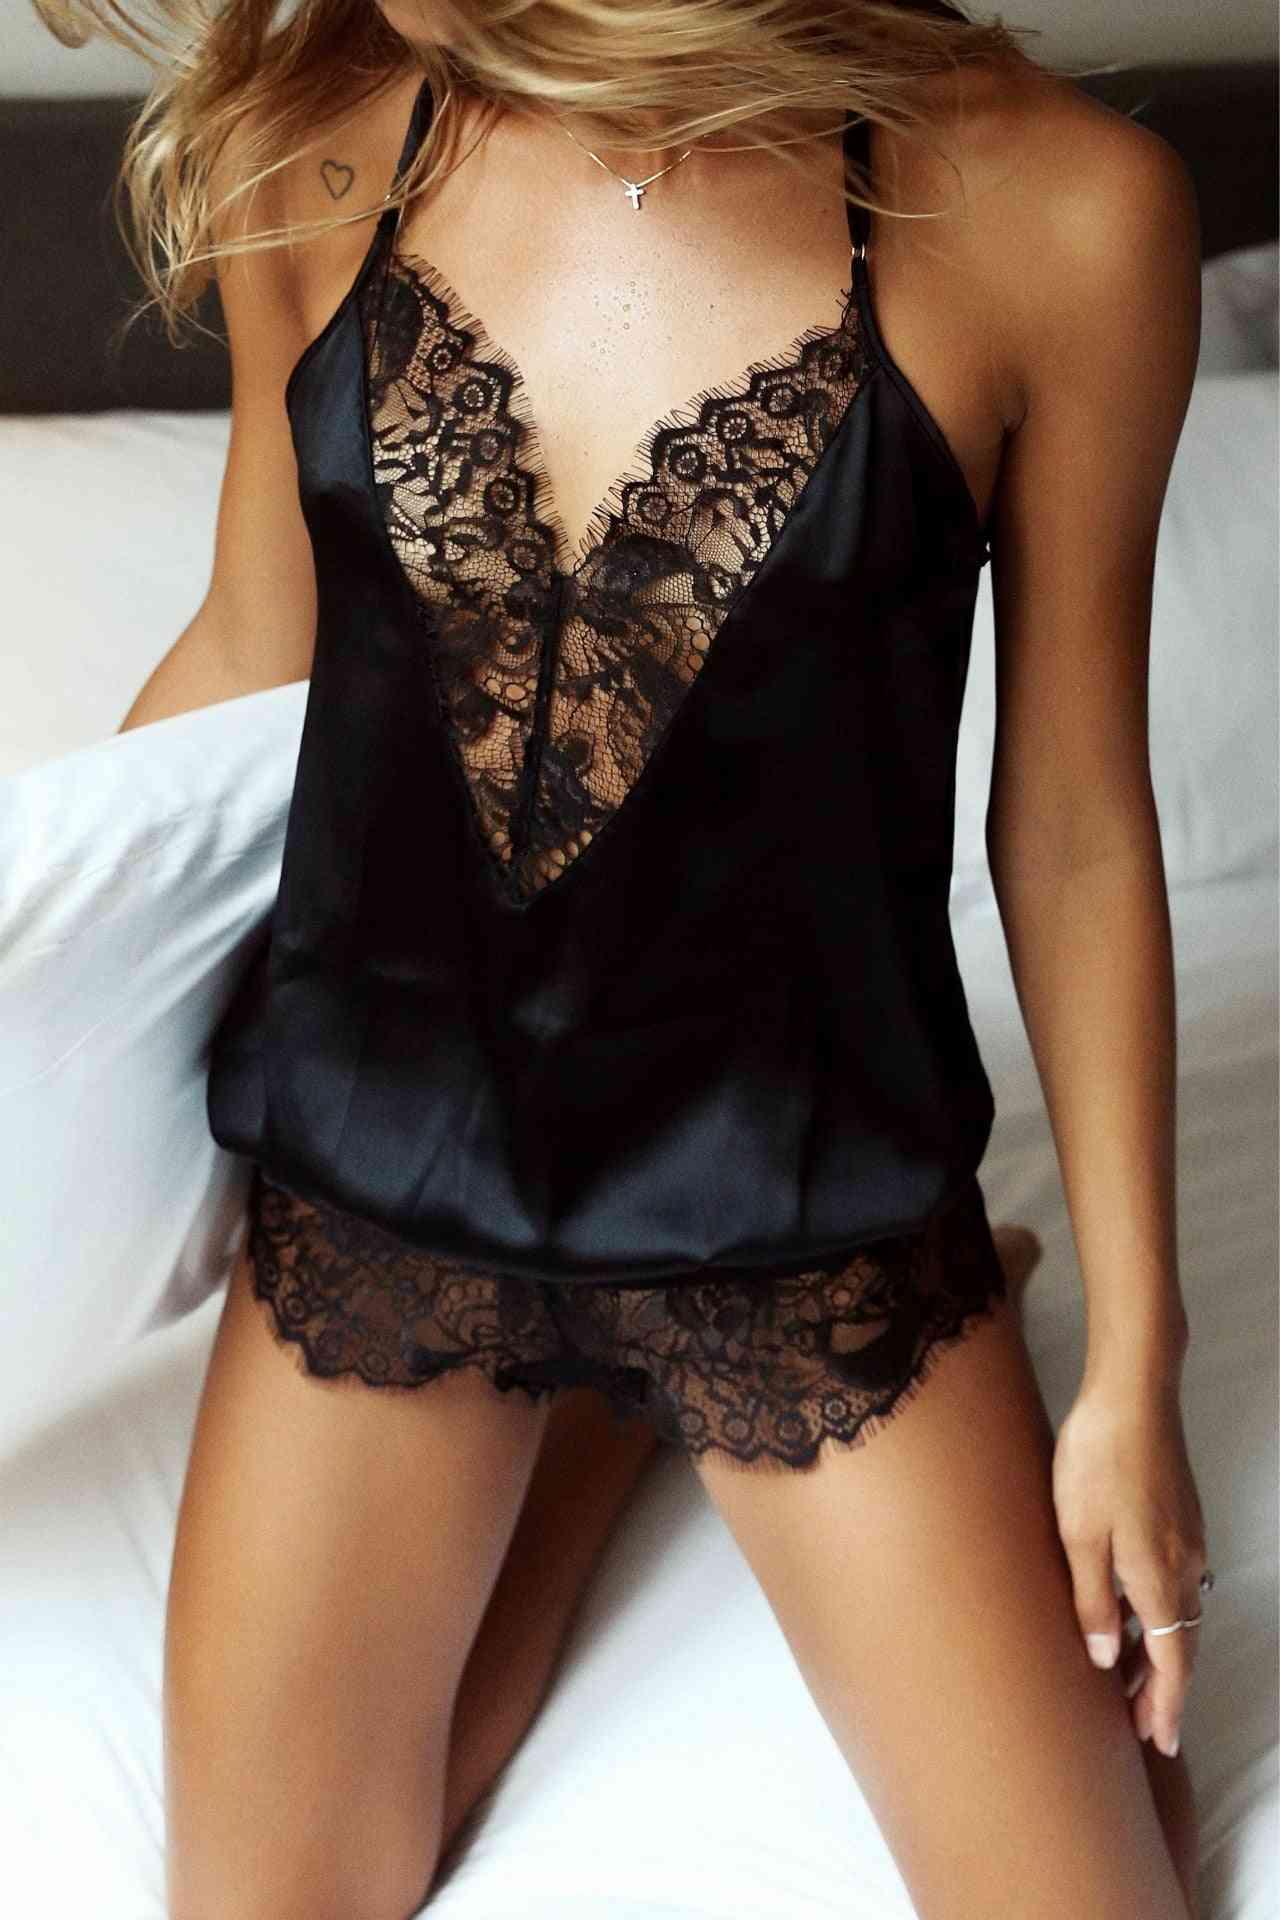 Lounge Lingerie Sleepwear Dress Lace Underwear Sling Girl